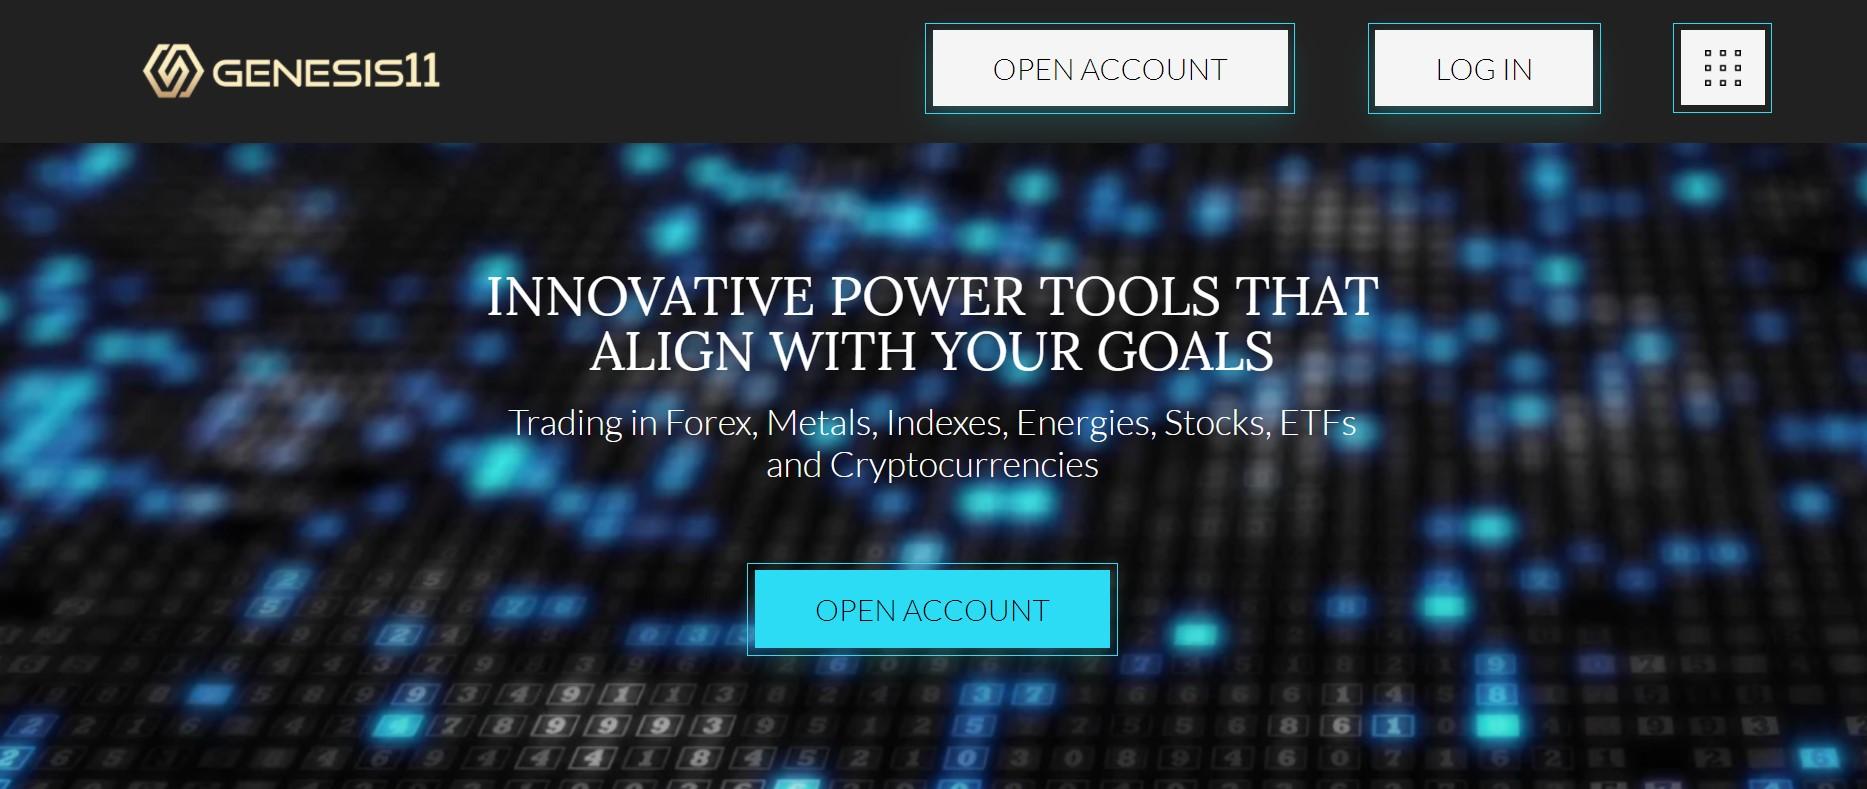 Genesis11 website